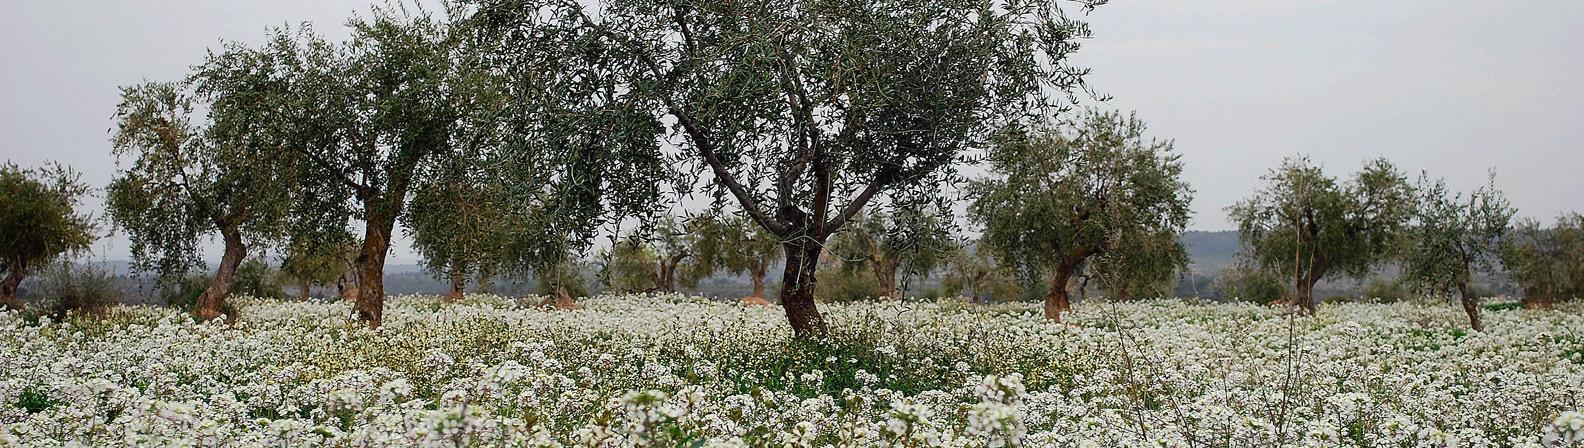 cogul_lleida_oliveres